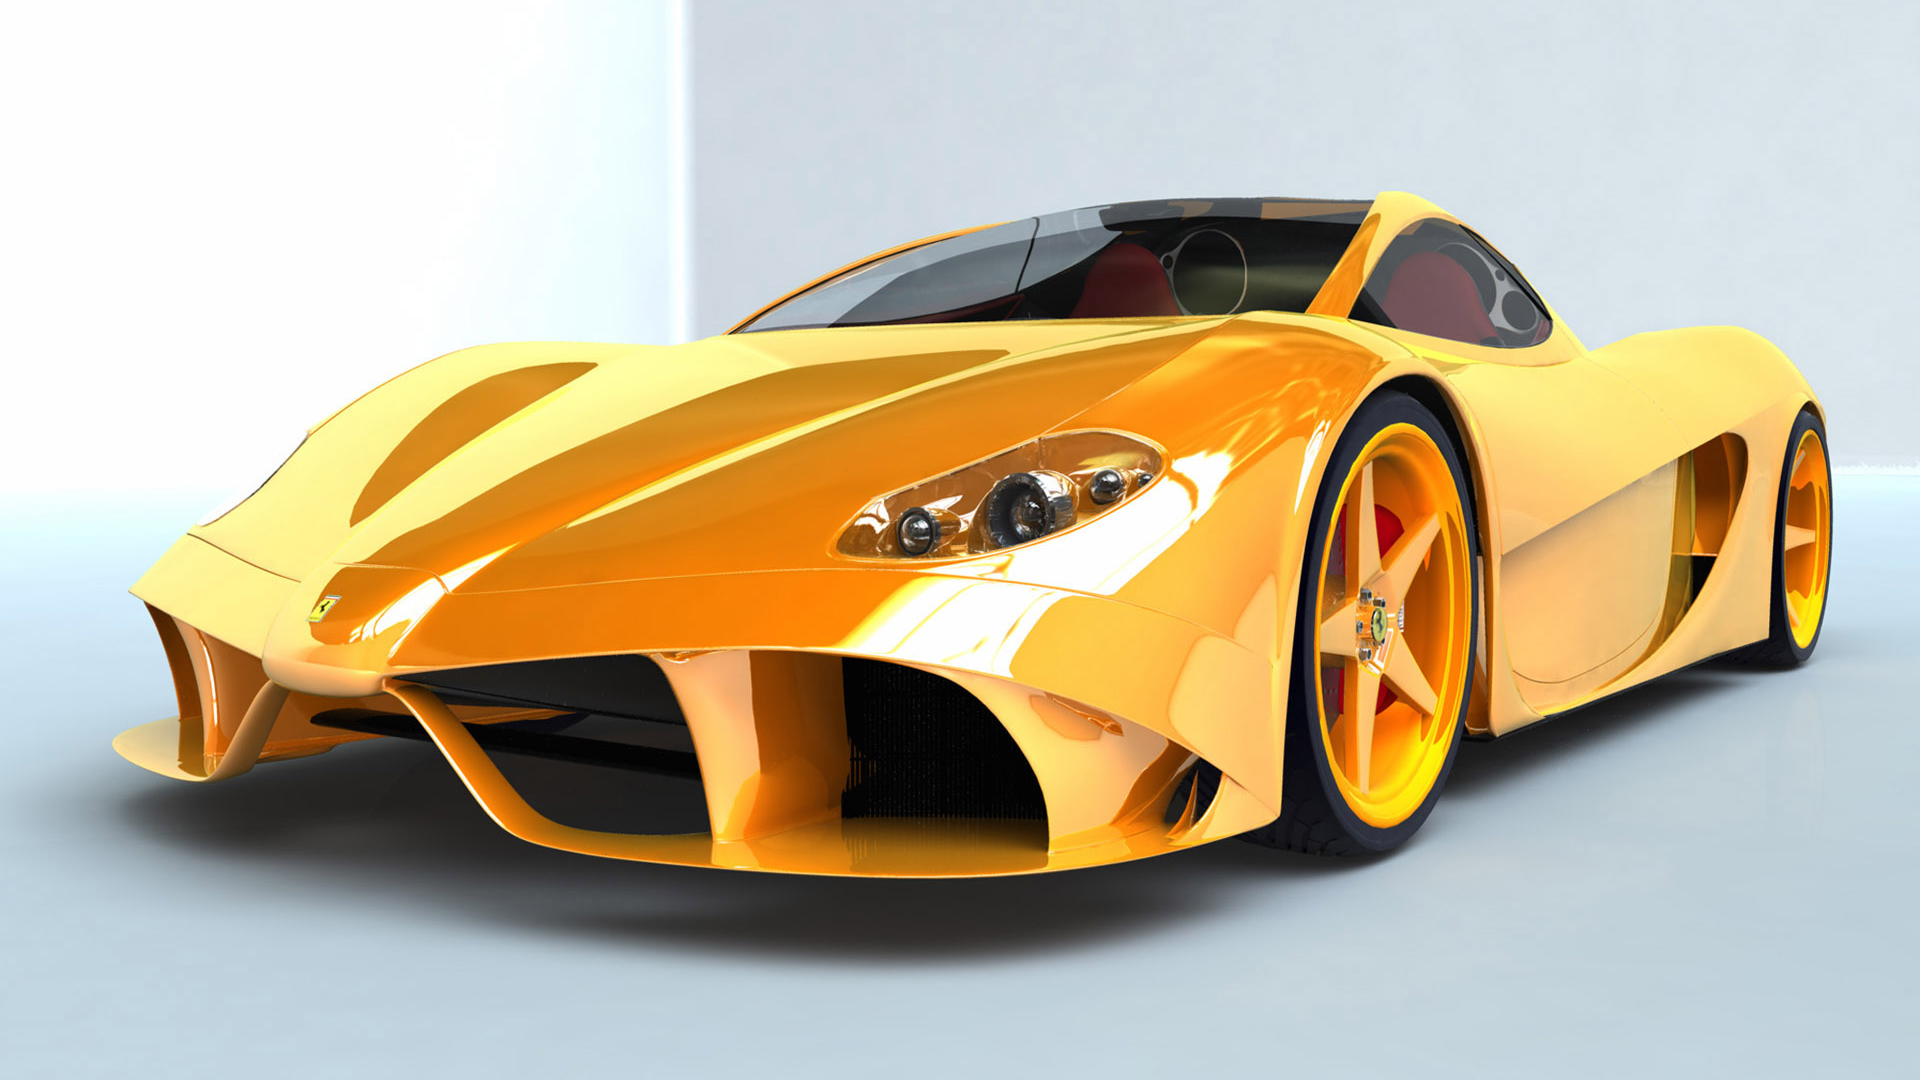 Car wallpapers: Yellow Ferrari – Car Humor